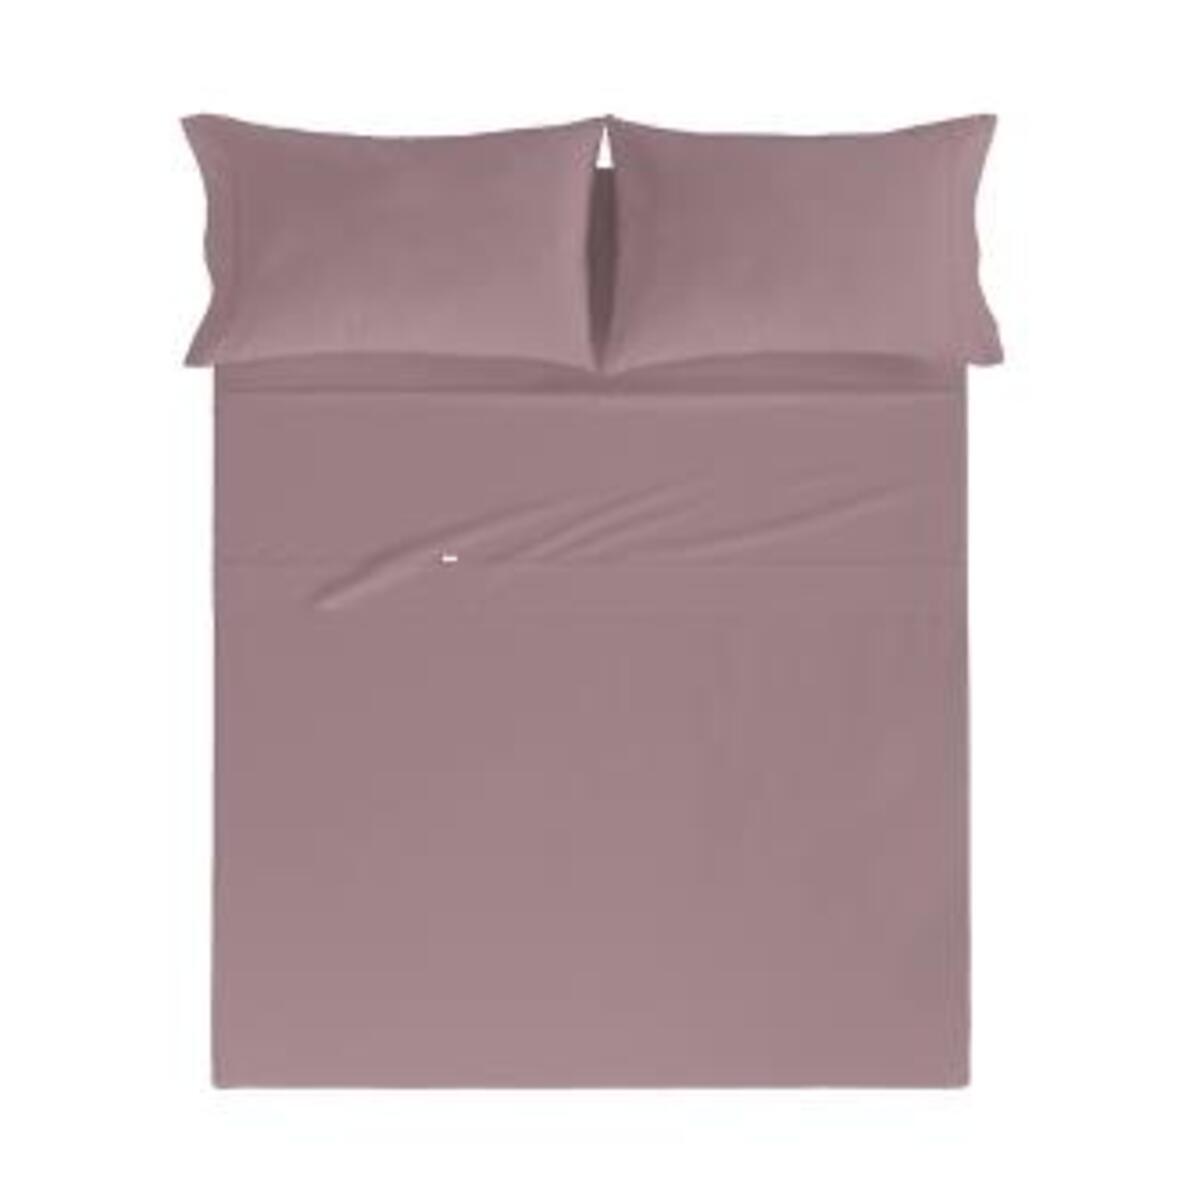 Drap de lit en coton percale mauve 160x280 cm